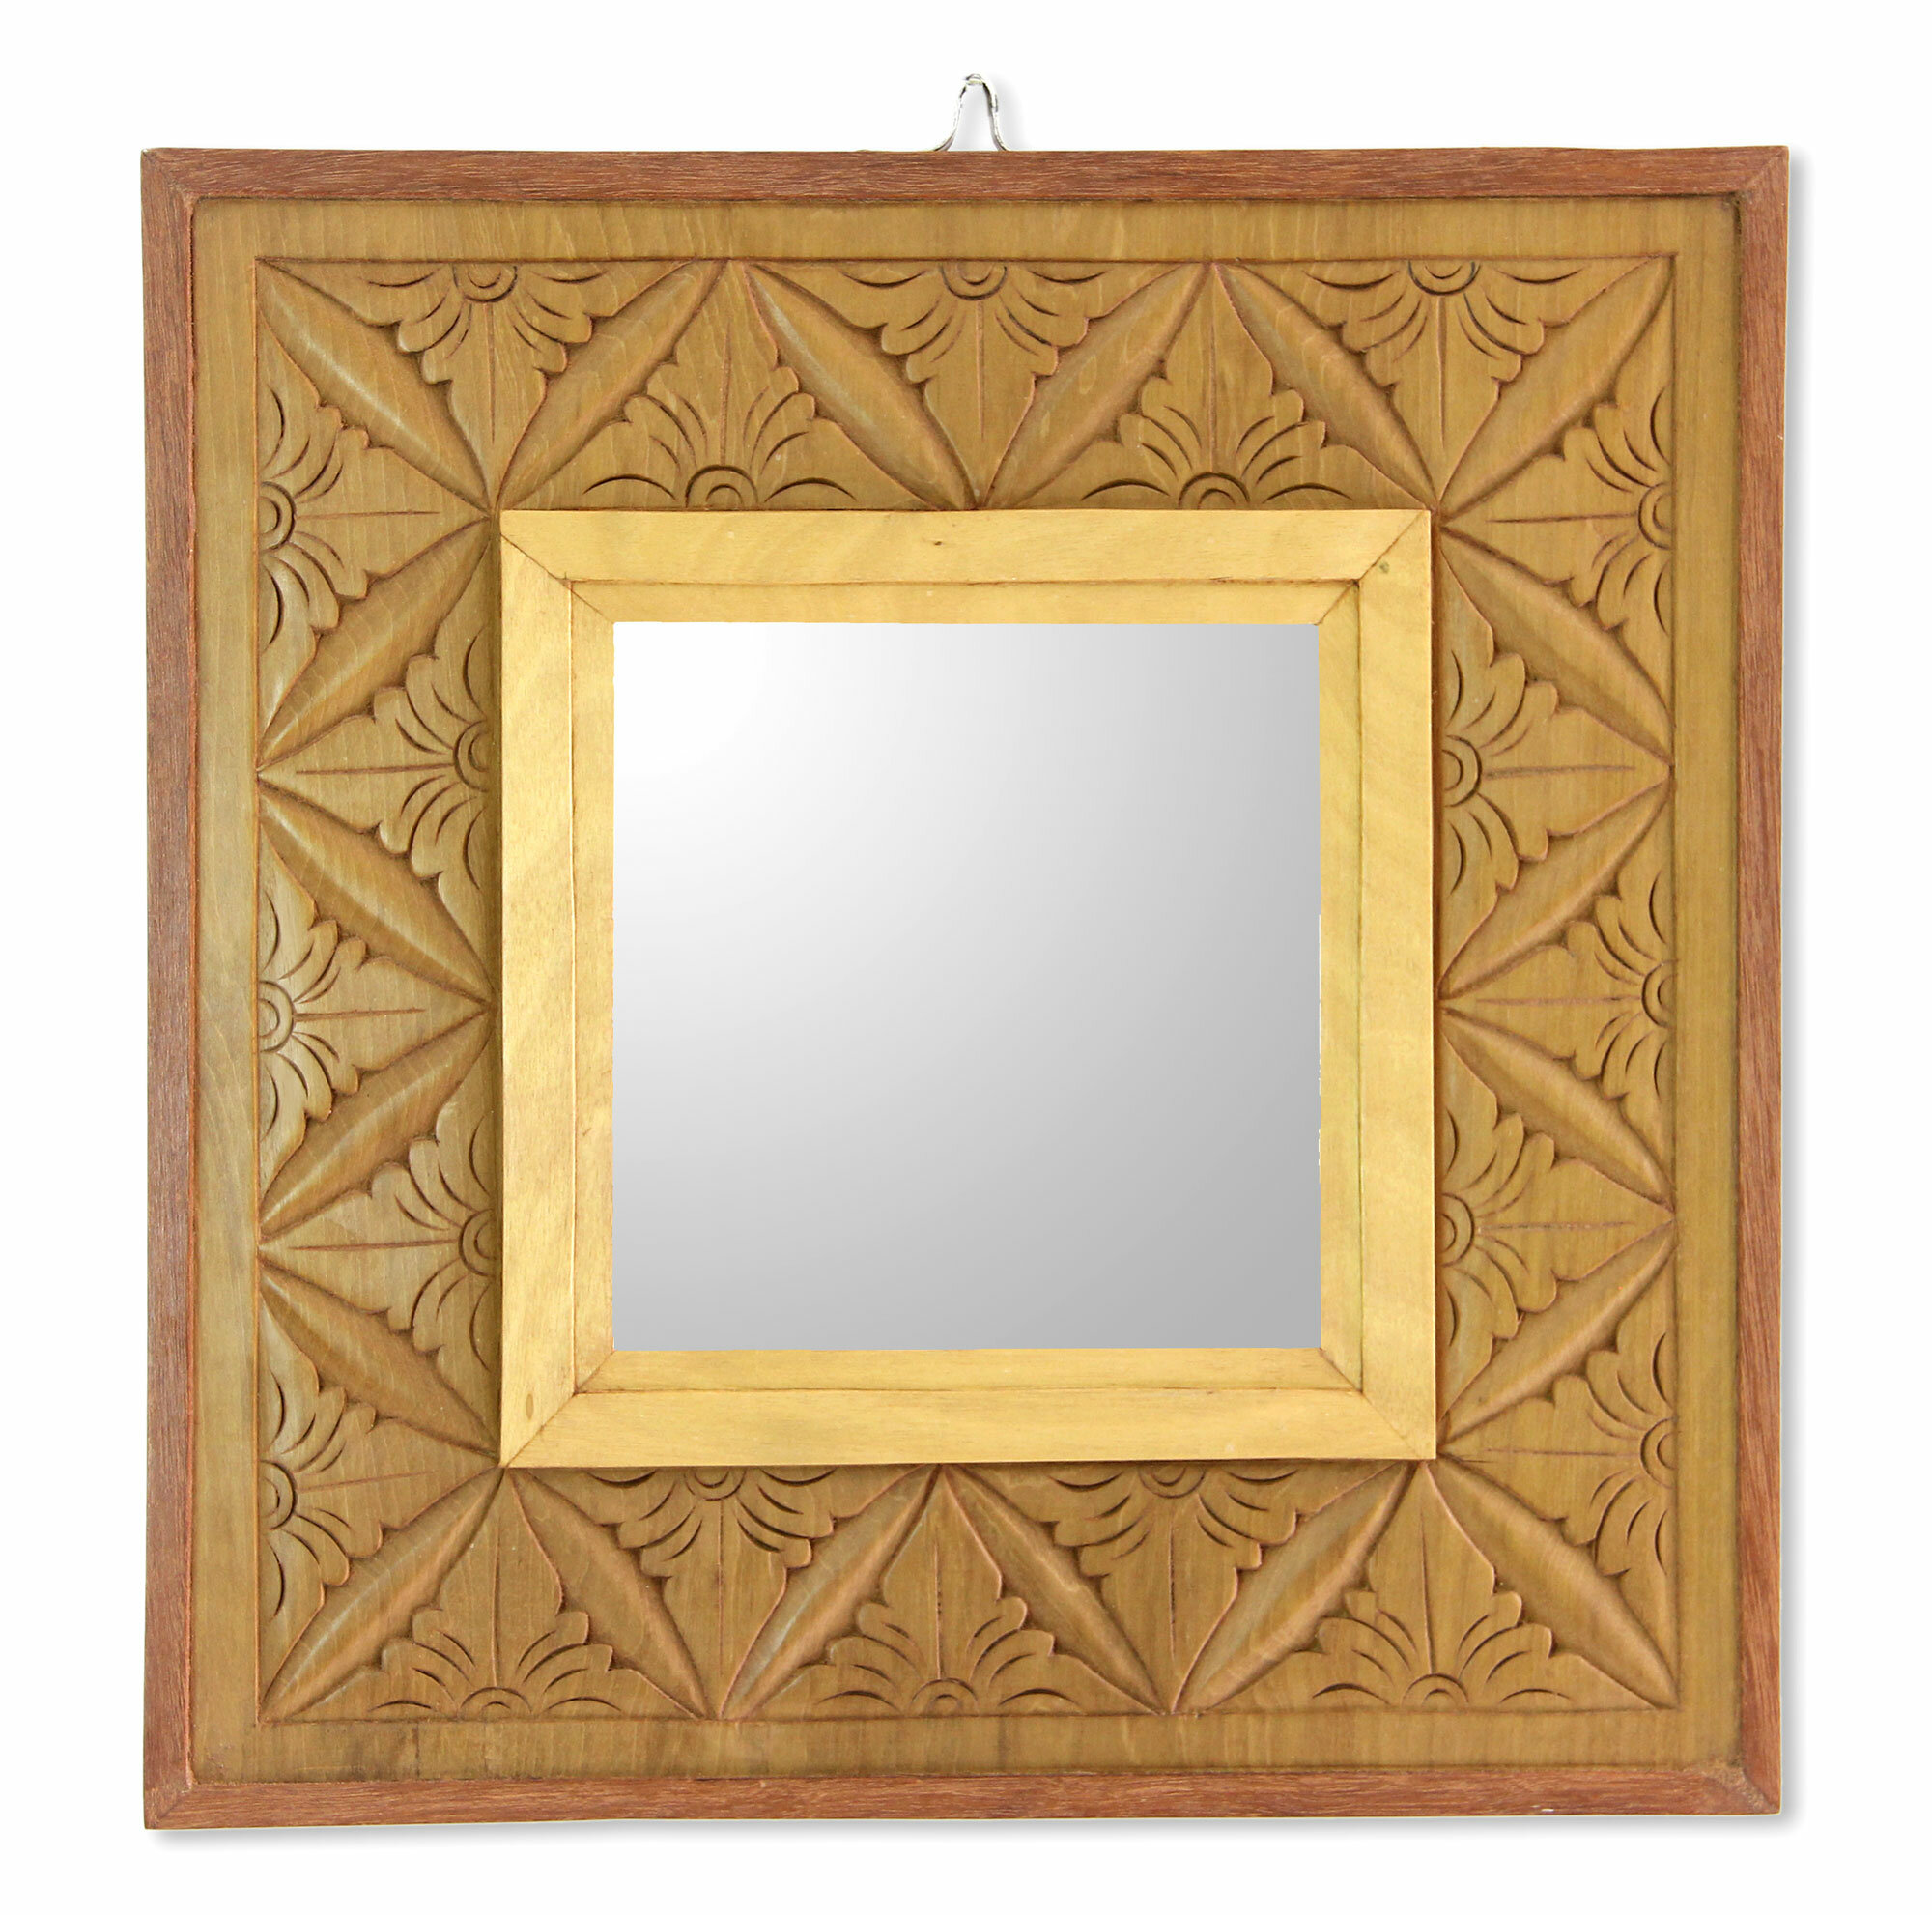 Novica Matahari Mosaic Reversible Wall Panel with Mirror in Hand ...